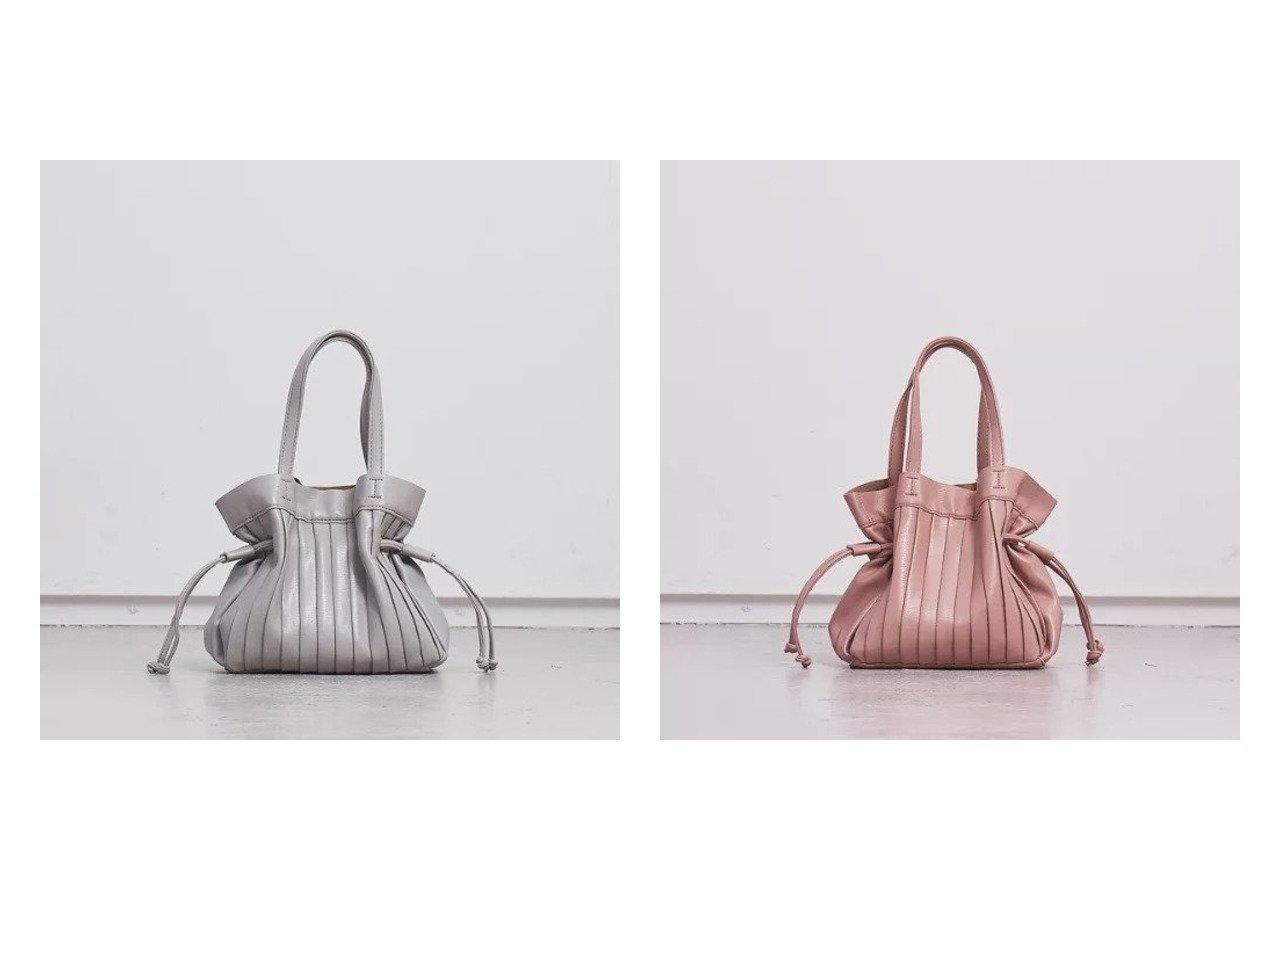 【Rouge vif/ルージュ ヴィフ】の【Avancer】カヌレ型ハンドバッグ 【バッグ・鞄】おすすめ!人気、トレンド・レディースファッションの通販 おすすめで人気の流行・トレンド、ファッションの通販商品 インテリア・家具・メンズファッション・キッズファッション・レディースファッション・服の通販 founy(ファニー) https://founy.com/ ファッション Fashion レディースファッション WOMEN バッグ Bag トレンド ハンドバッグ フィット フォルム ポケット |ID:crp329100000067746